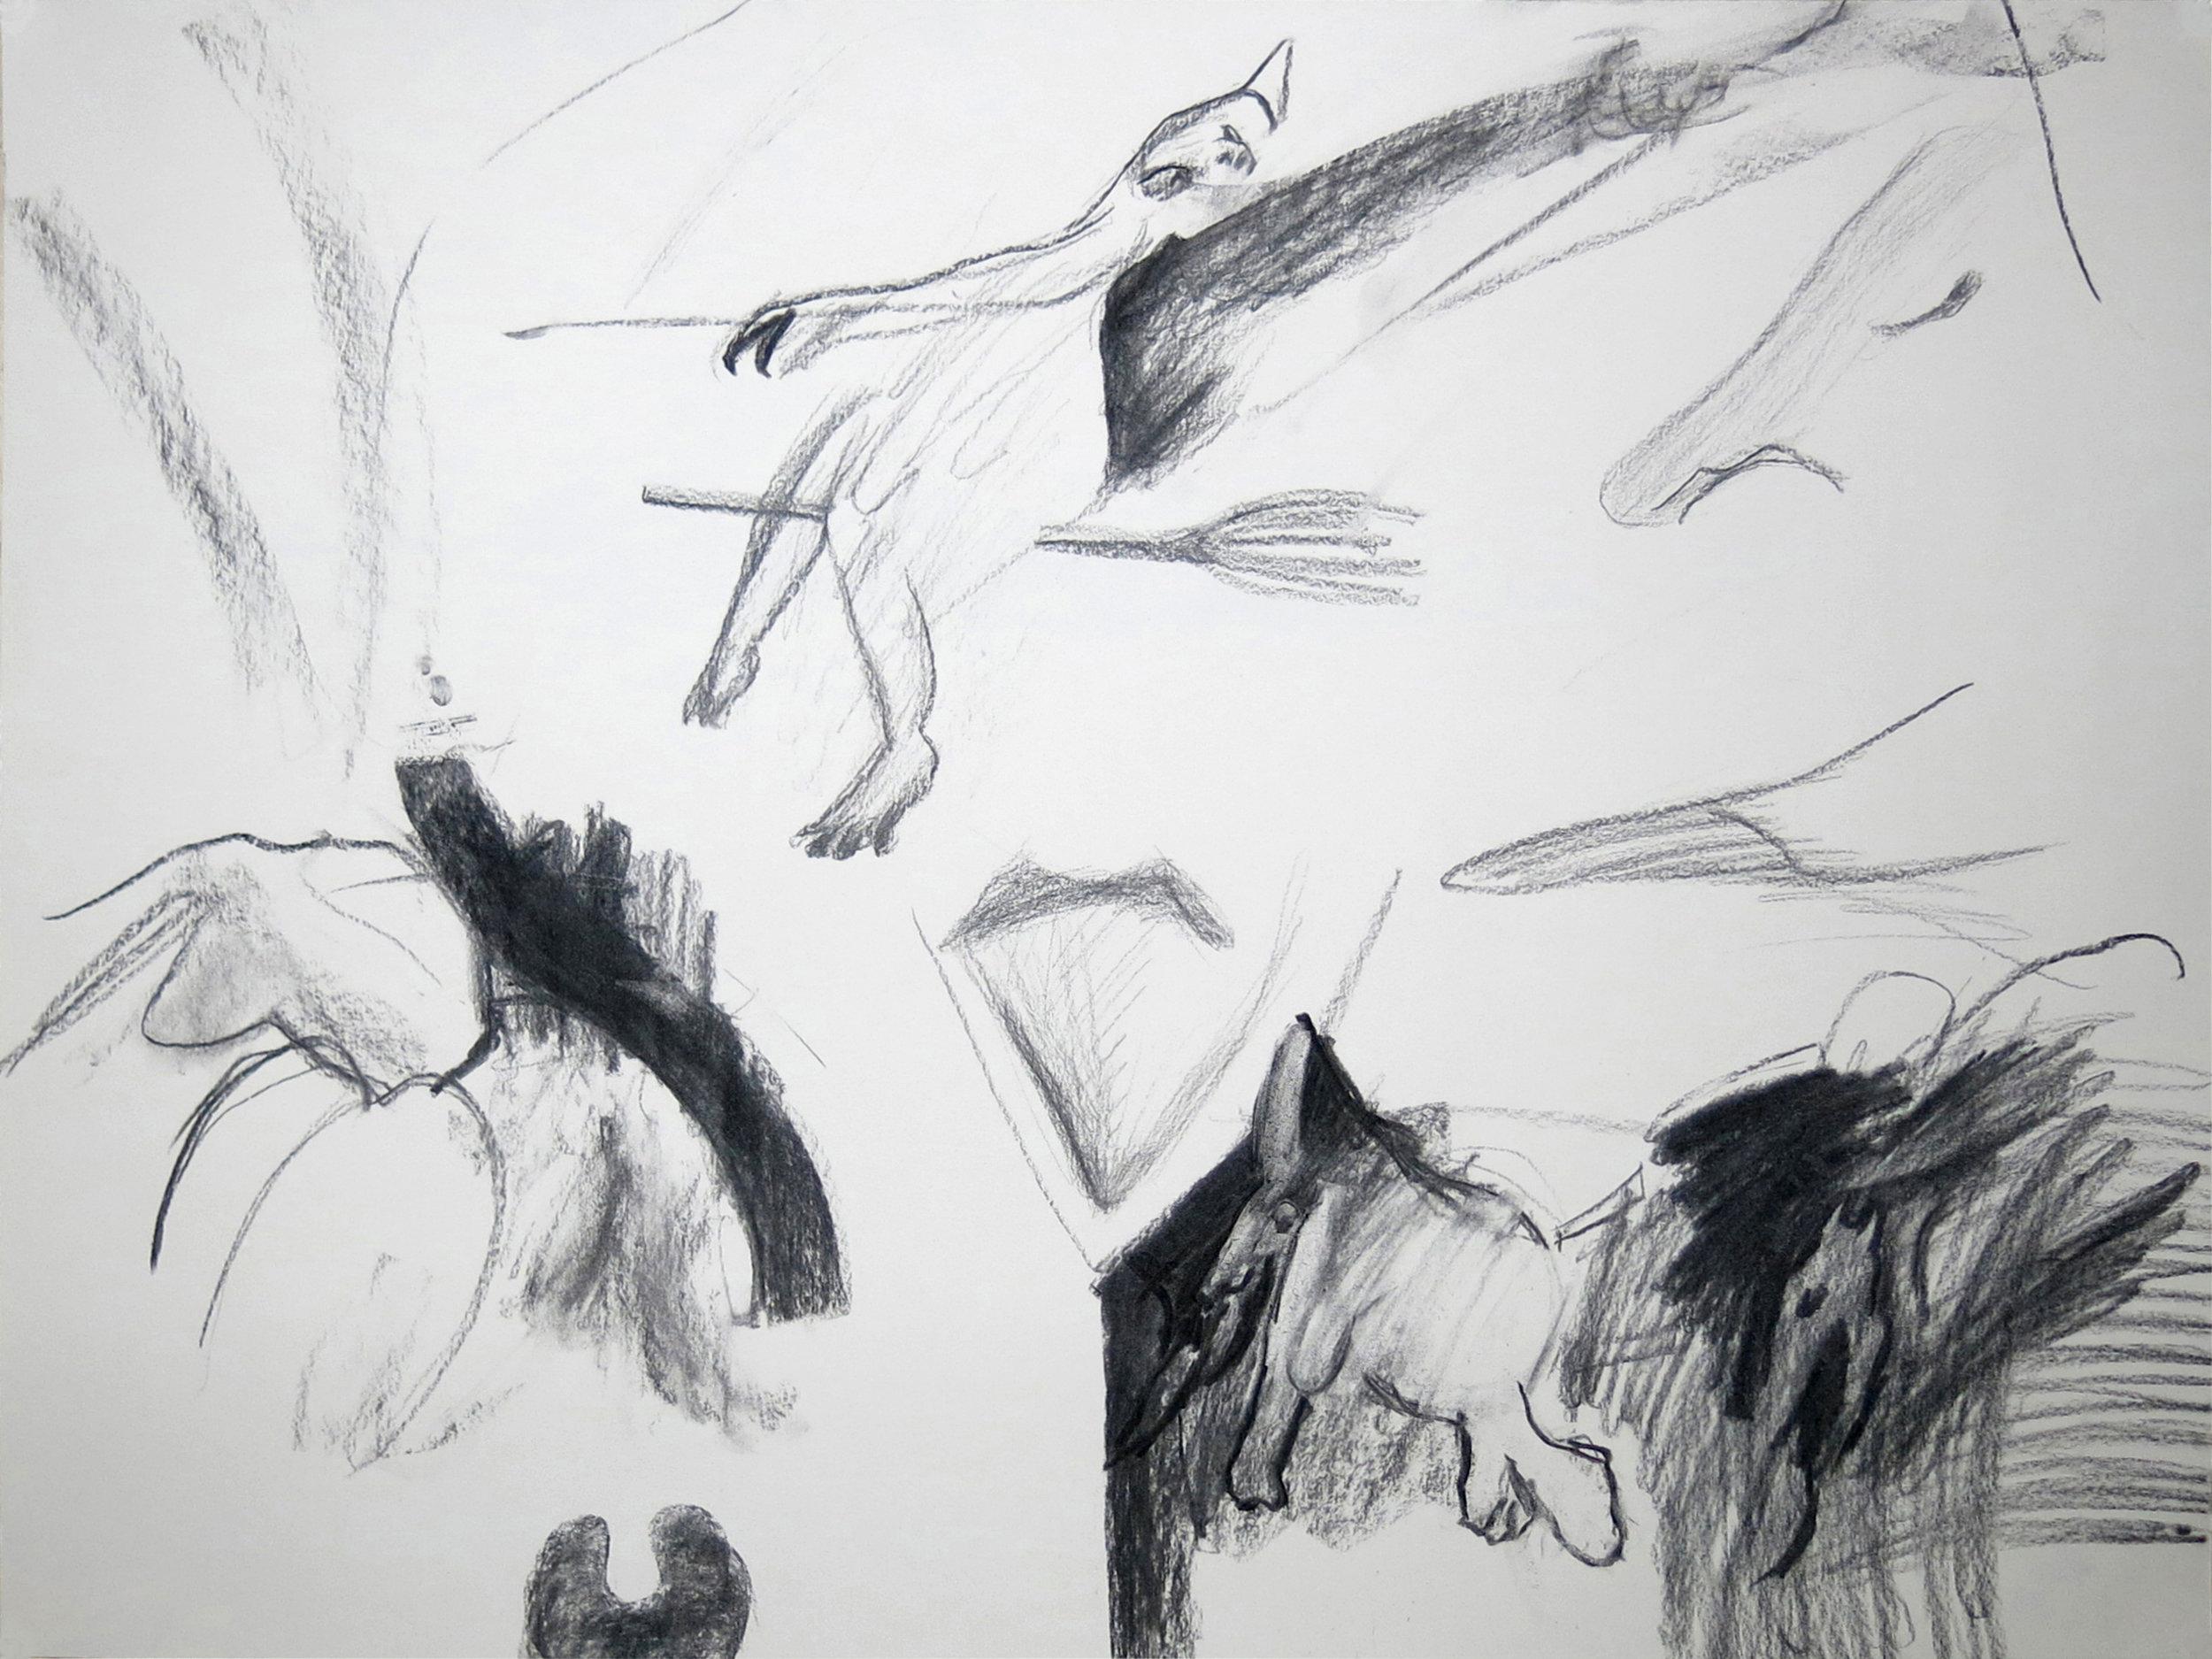 Mesopotamia Drawing #1